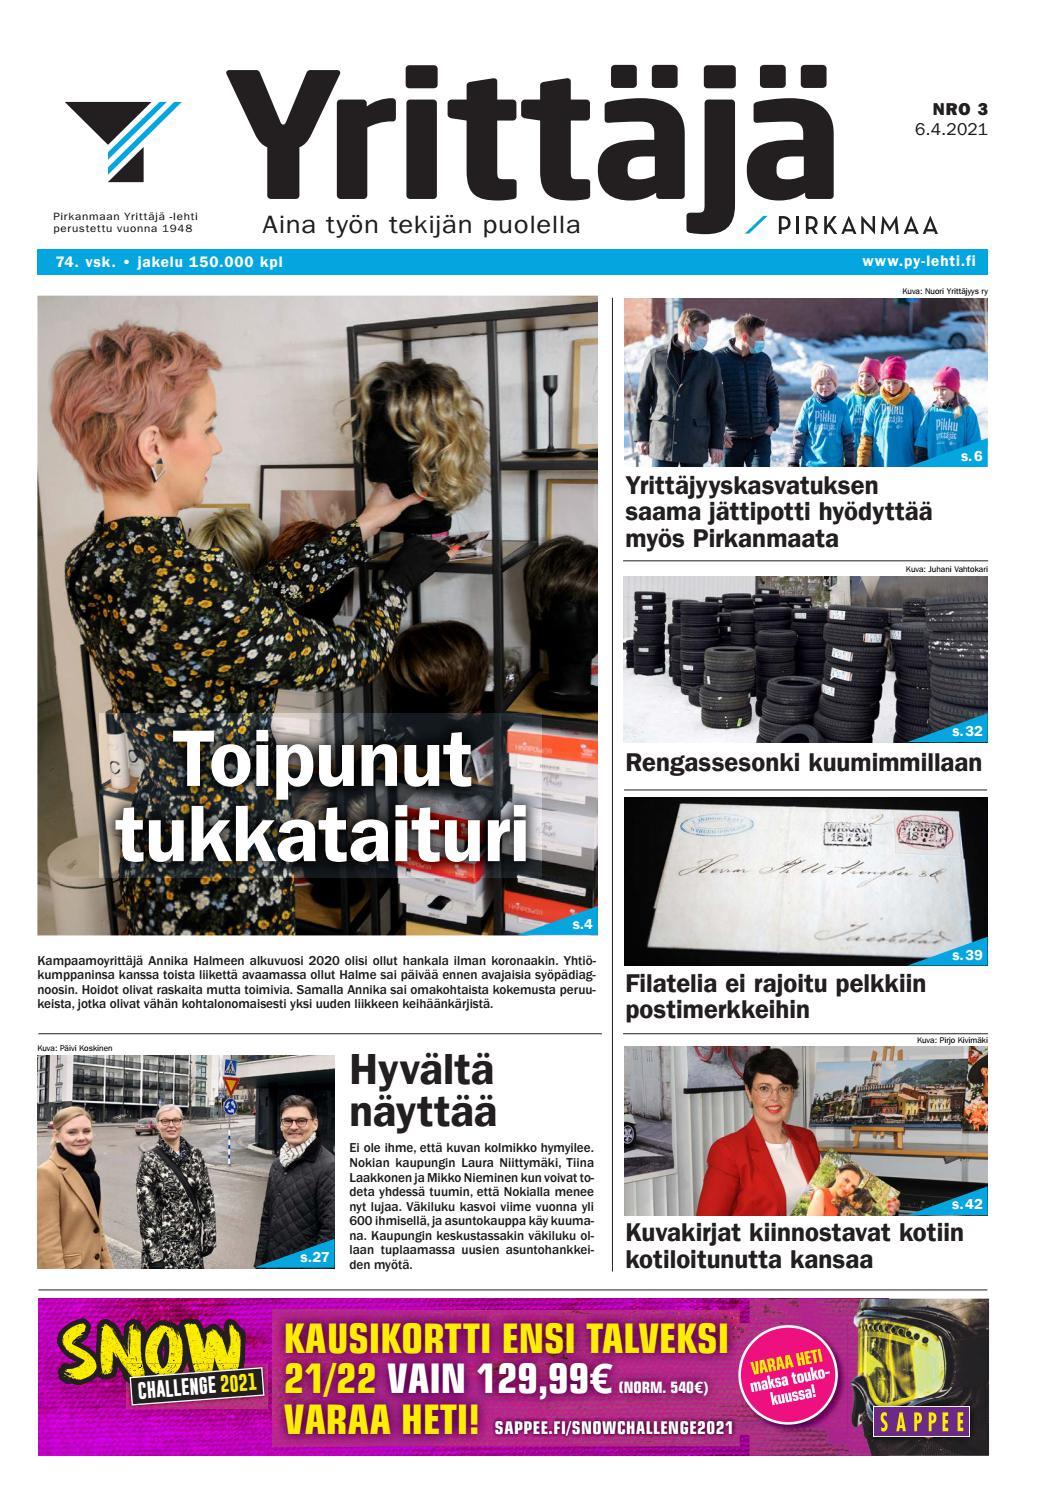 eesti naiset etsii seksiä ylöjärvi